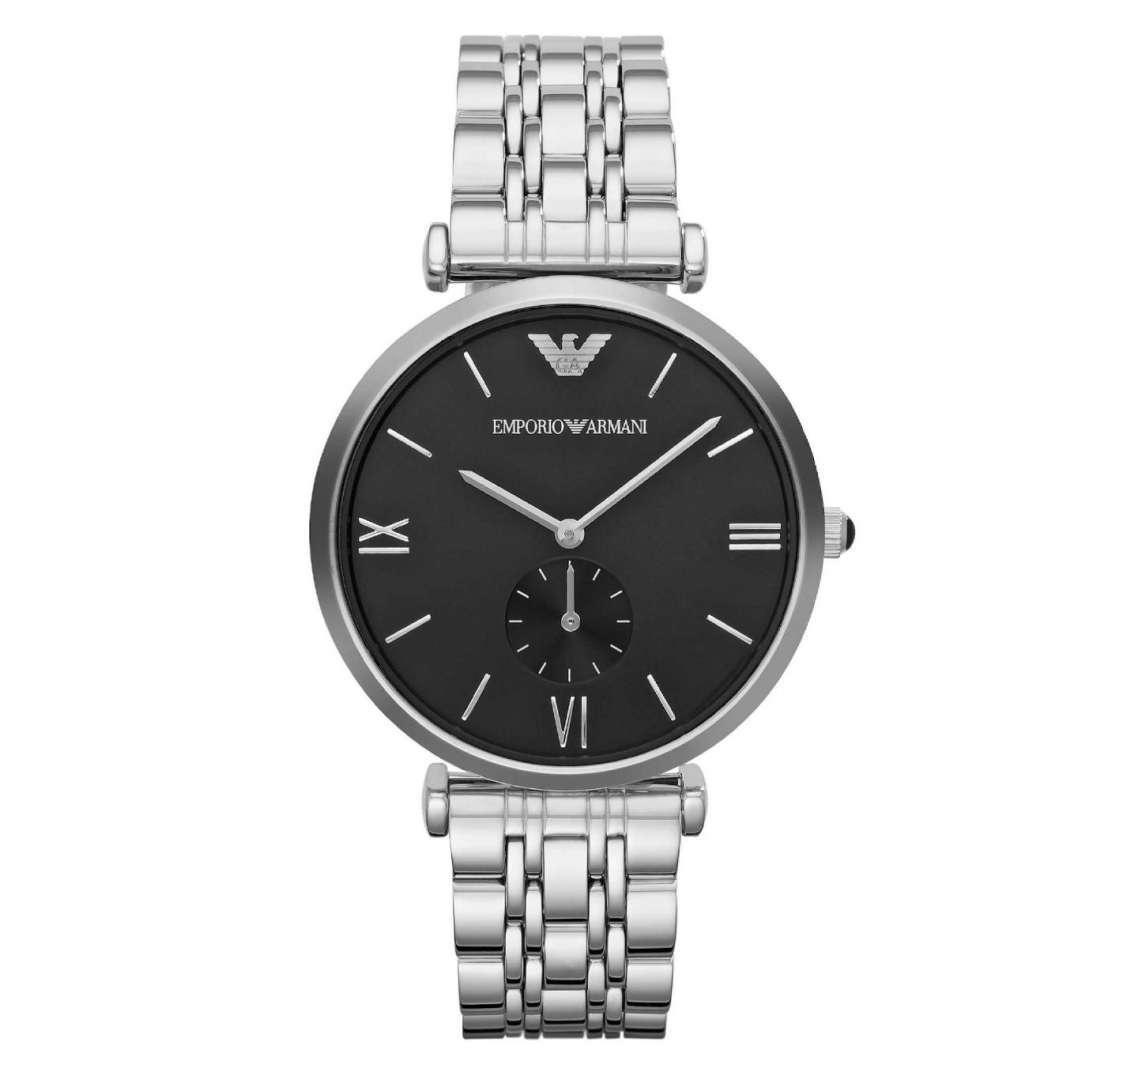 שעון יד אנלוגי לגבר emporio armani ar1676 אמפוריו ארמני